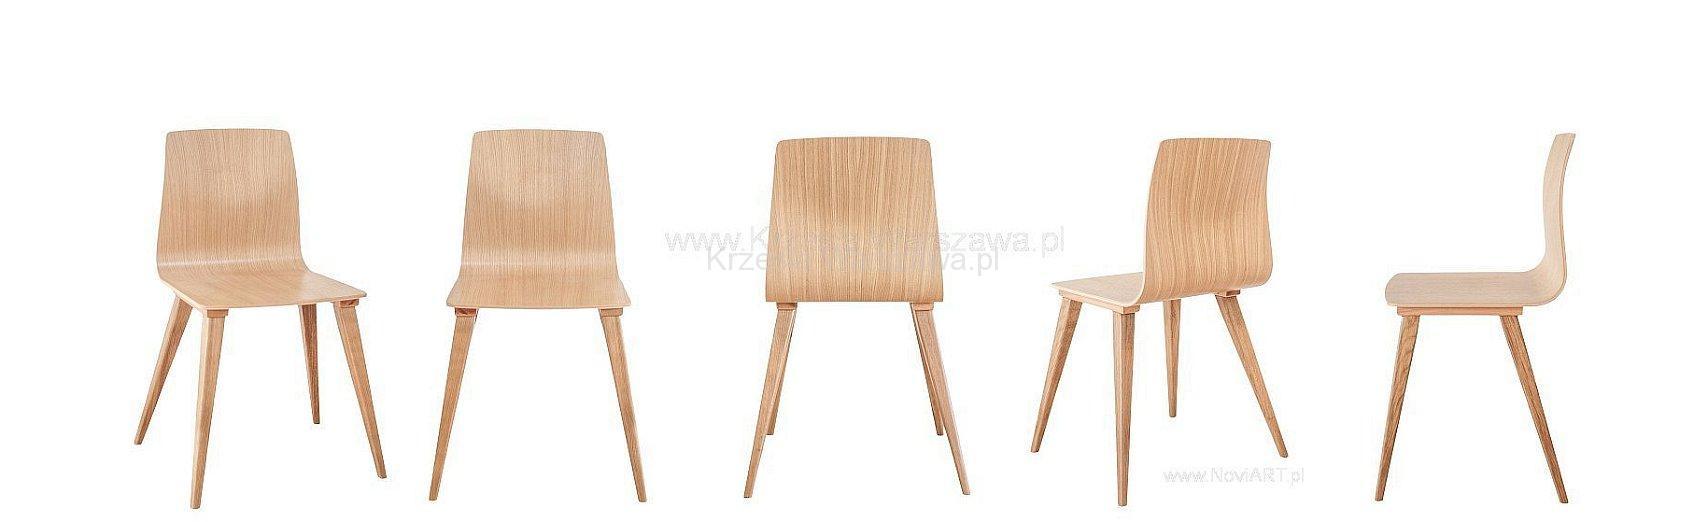 nowoczesne-krzesla-debowe-lite-drewno